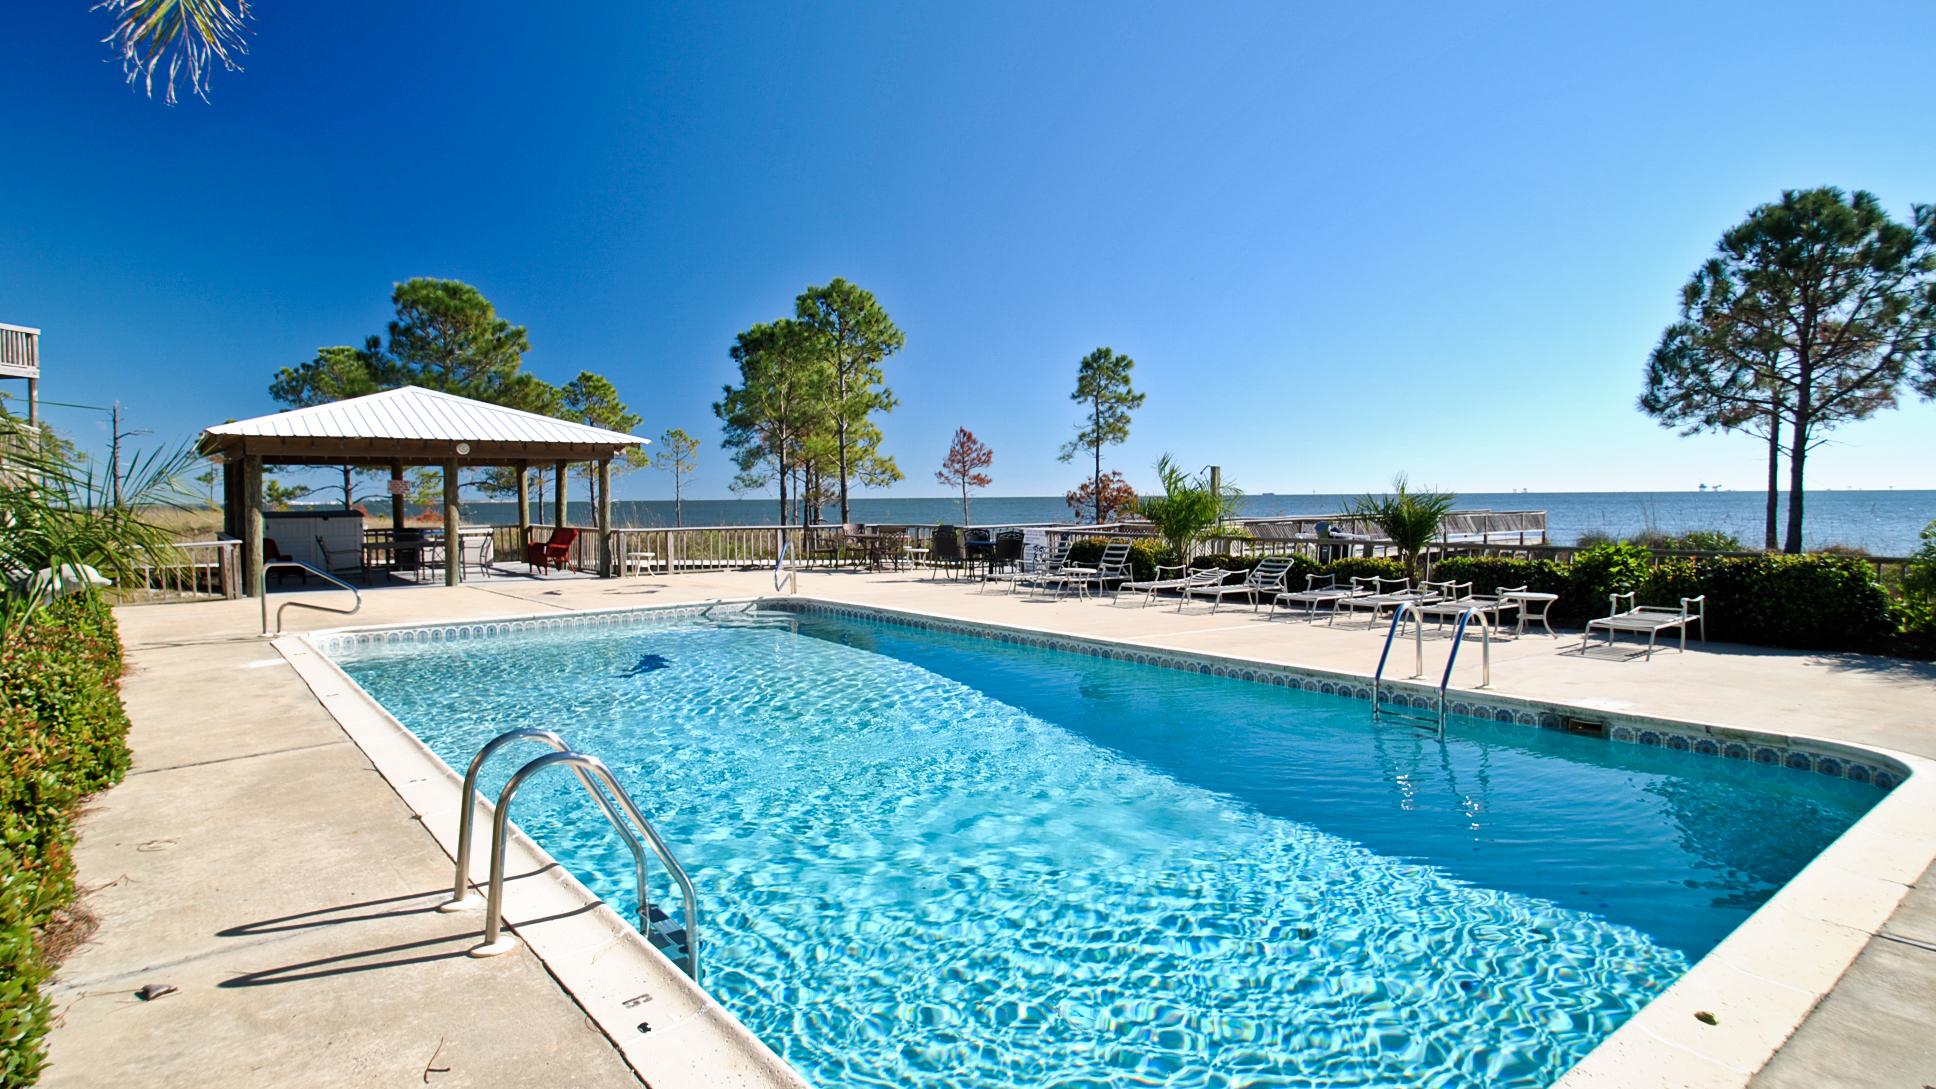 Advantages of Vacation Rentals